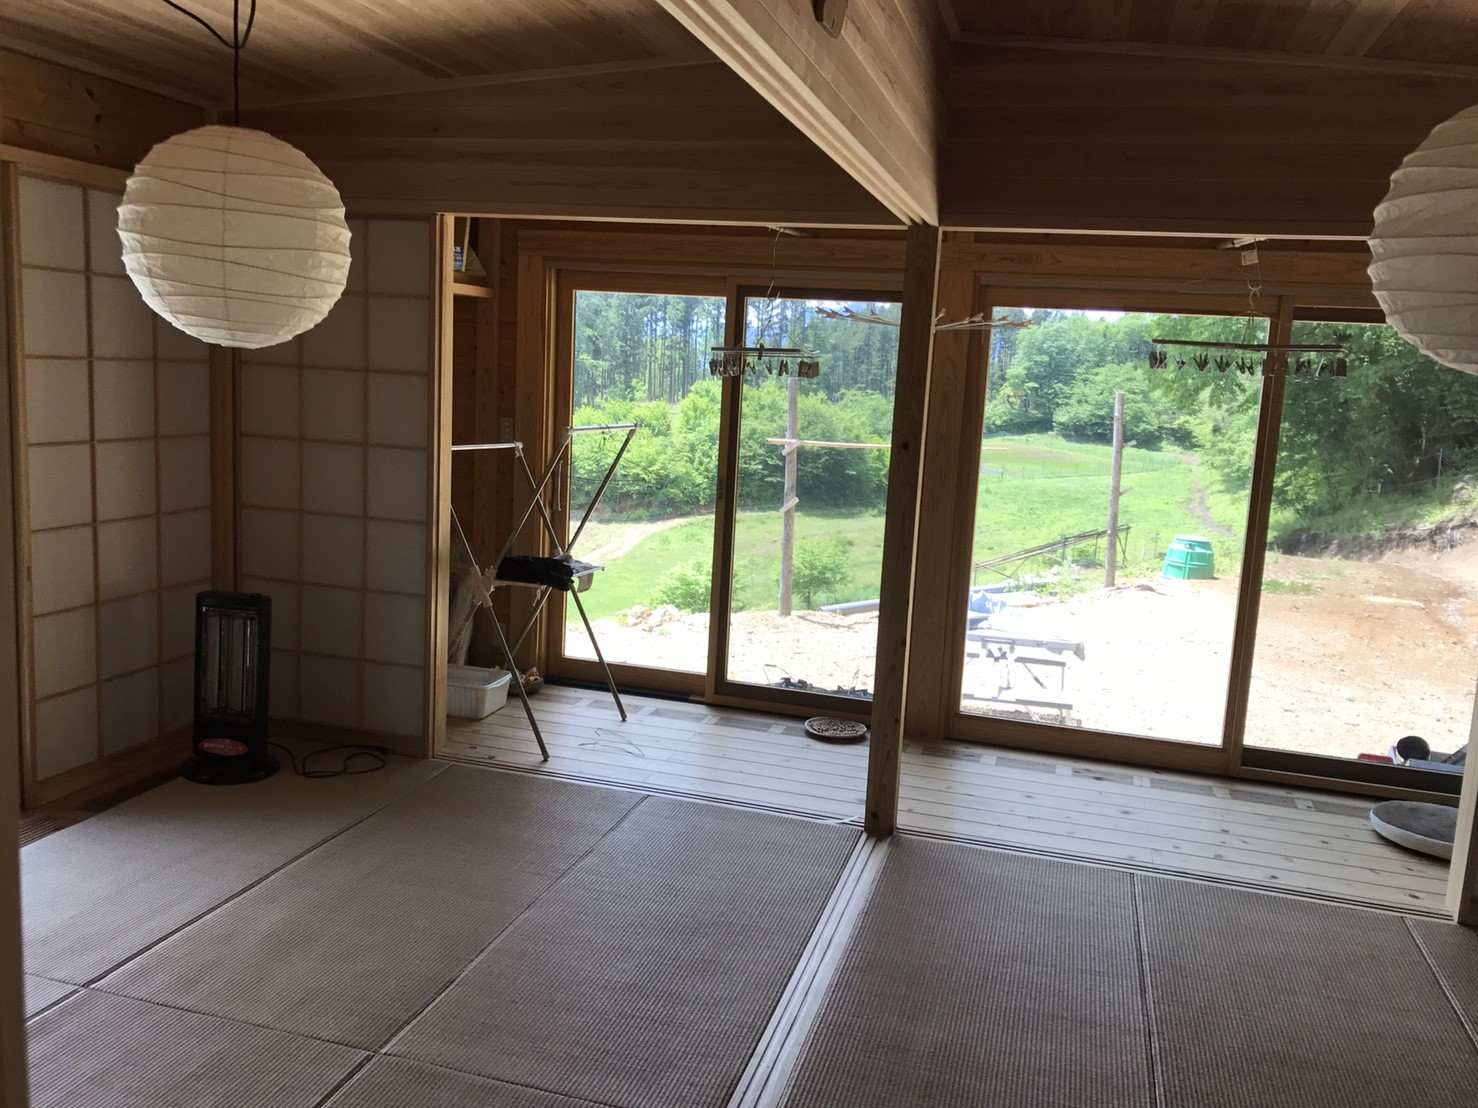 002c7d5a497b5999d9ddf28a8395c5ca - DASHA村の様なプロジェクト(群馬県神流町農場)